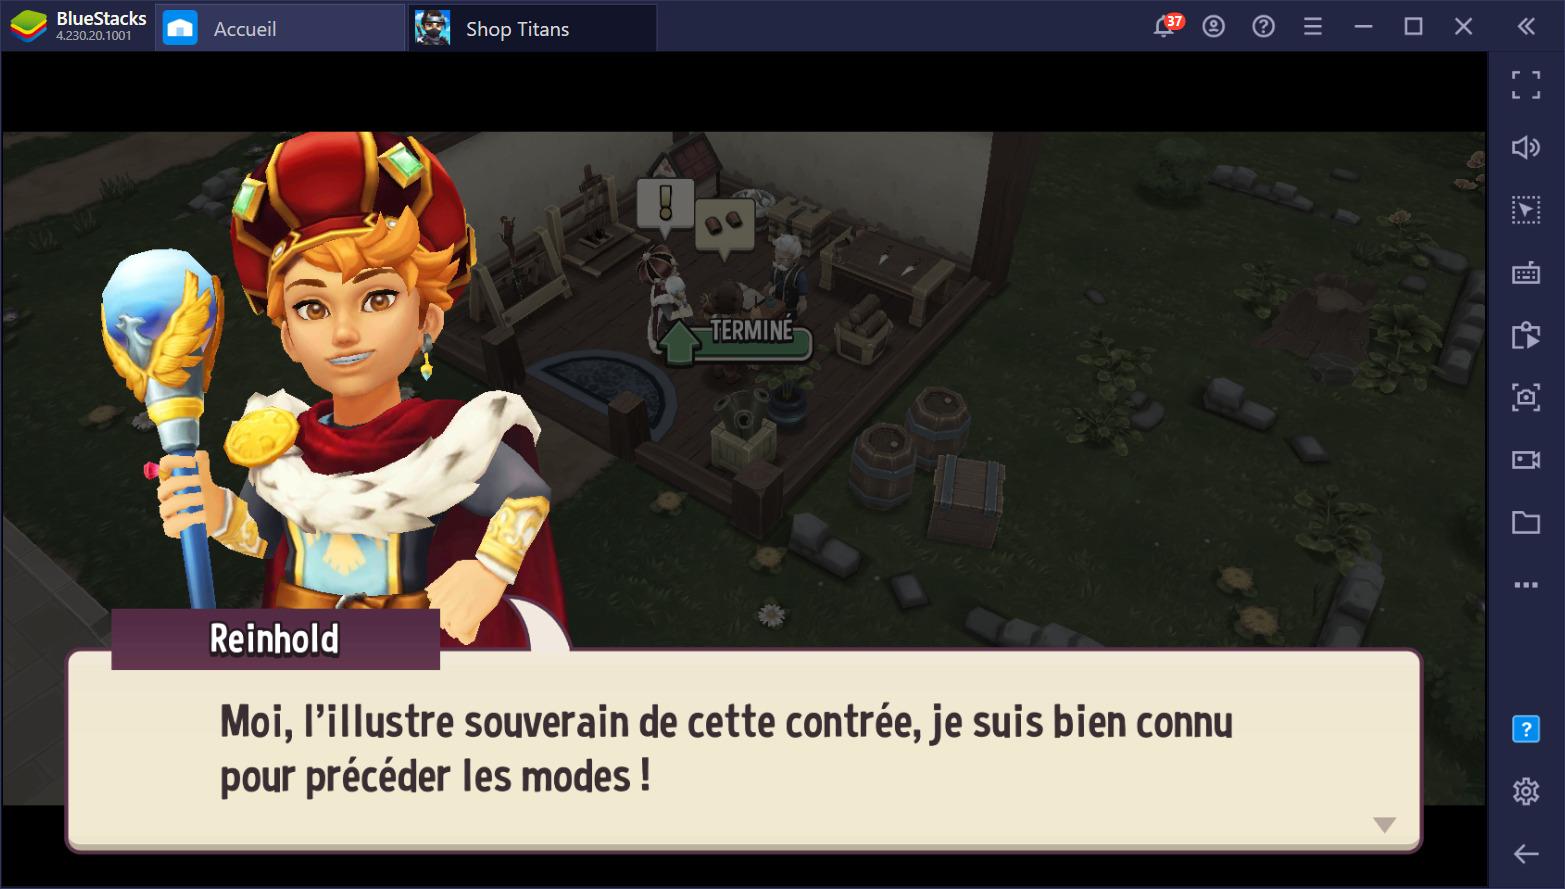 Shop Titans sur PC – Comment gagner plus d'argent rapidement